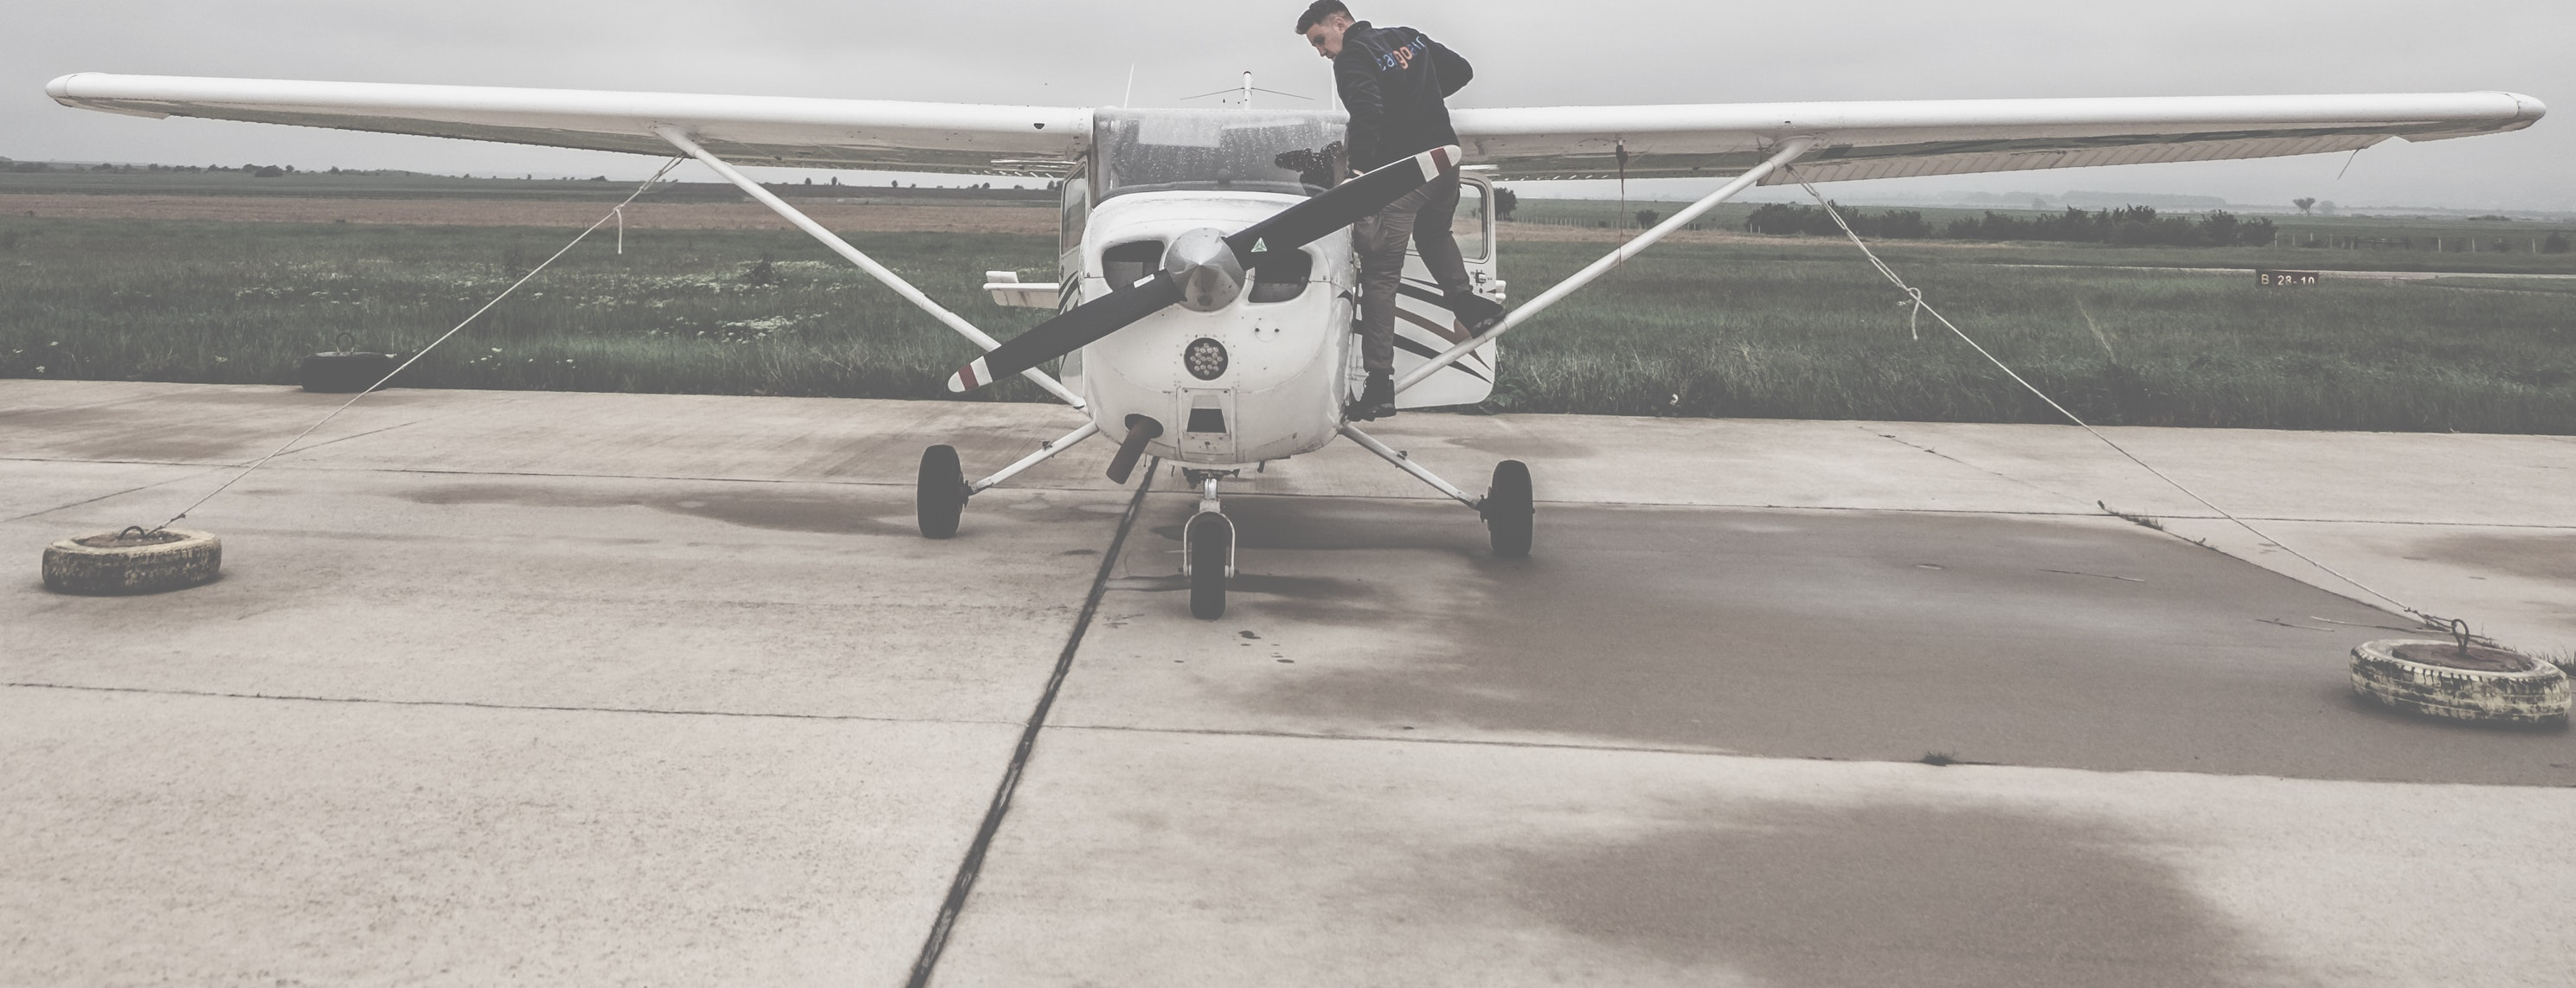 Student Pilot Fundamentals